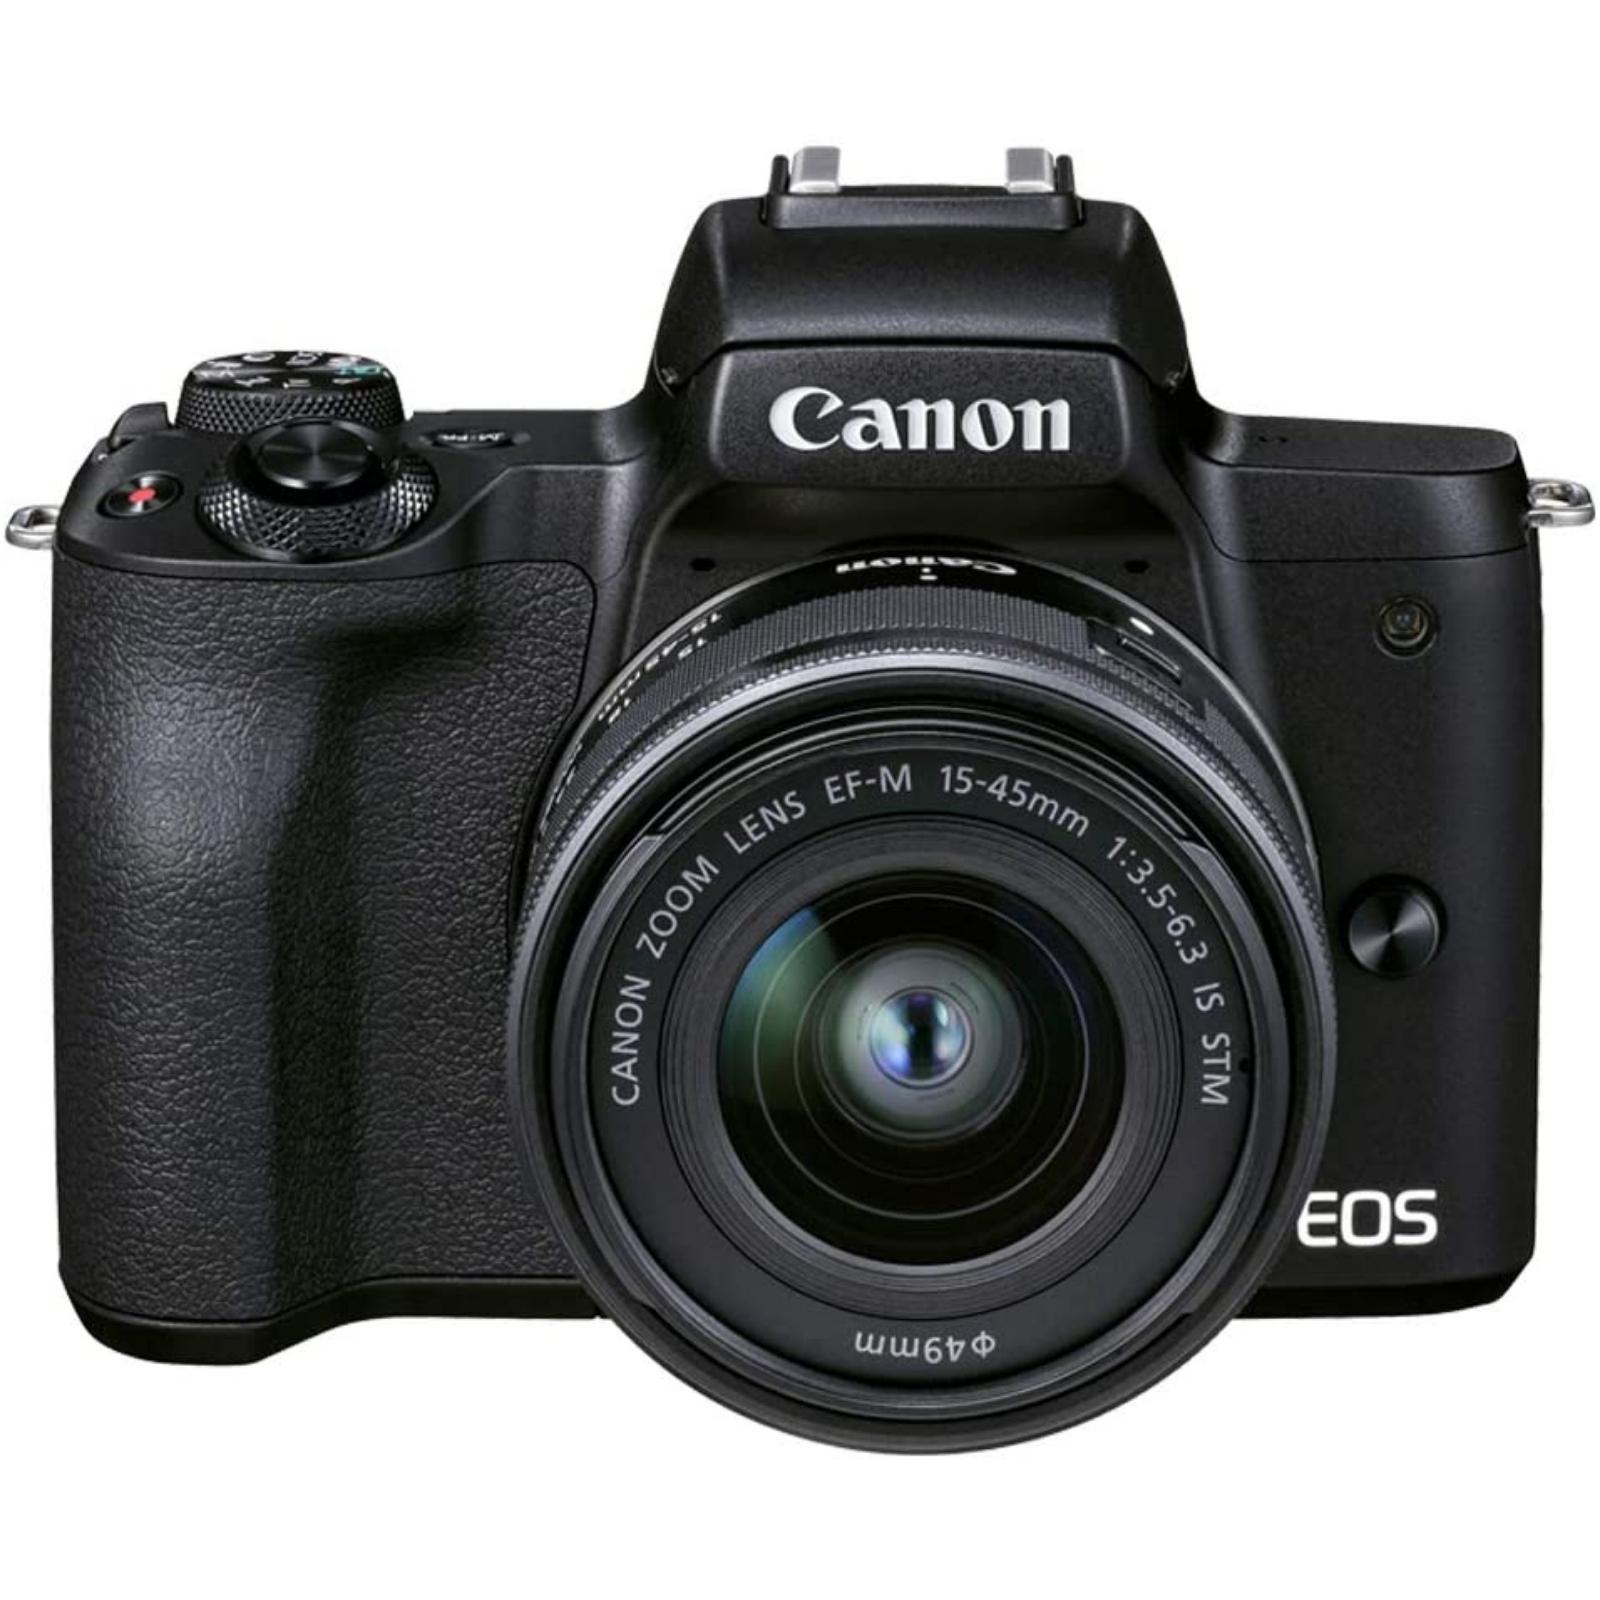 Canon キヤノン ミラーレス一眼カメラ EOS Kiss M2 EF-M15-45 IS STM レンズキット ブラック 新品